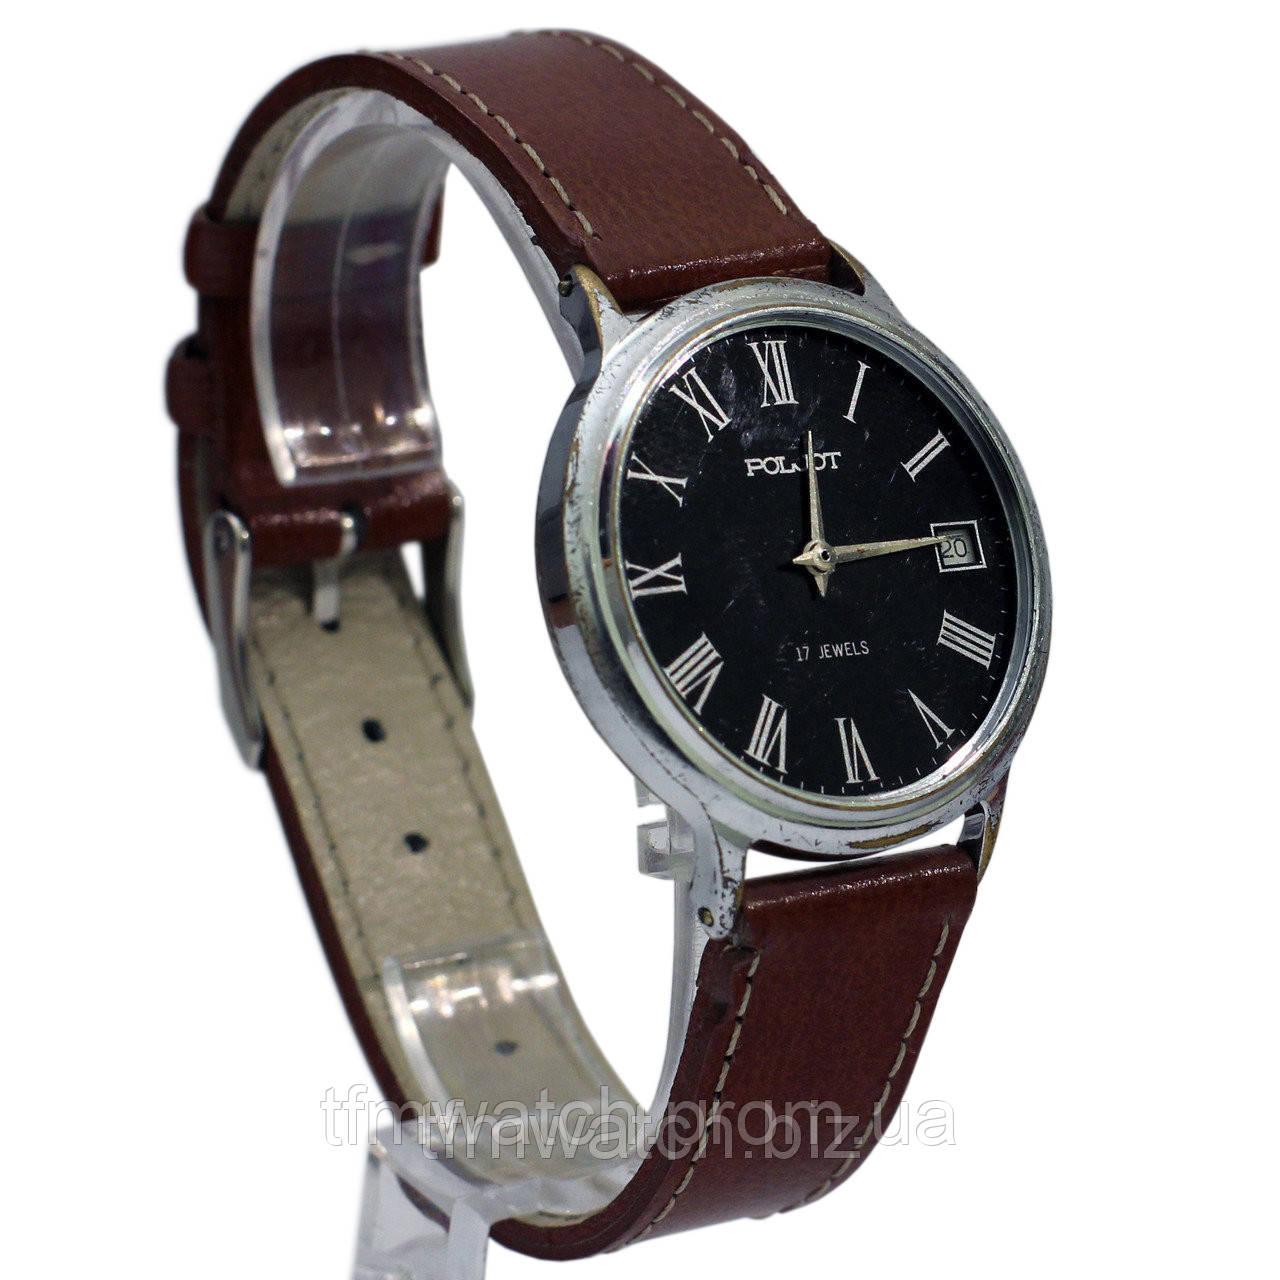 Где купить мужские часы полет часы наручные женские касио водонепроницаемые